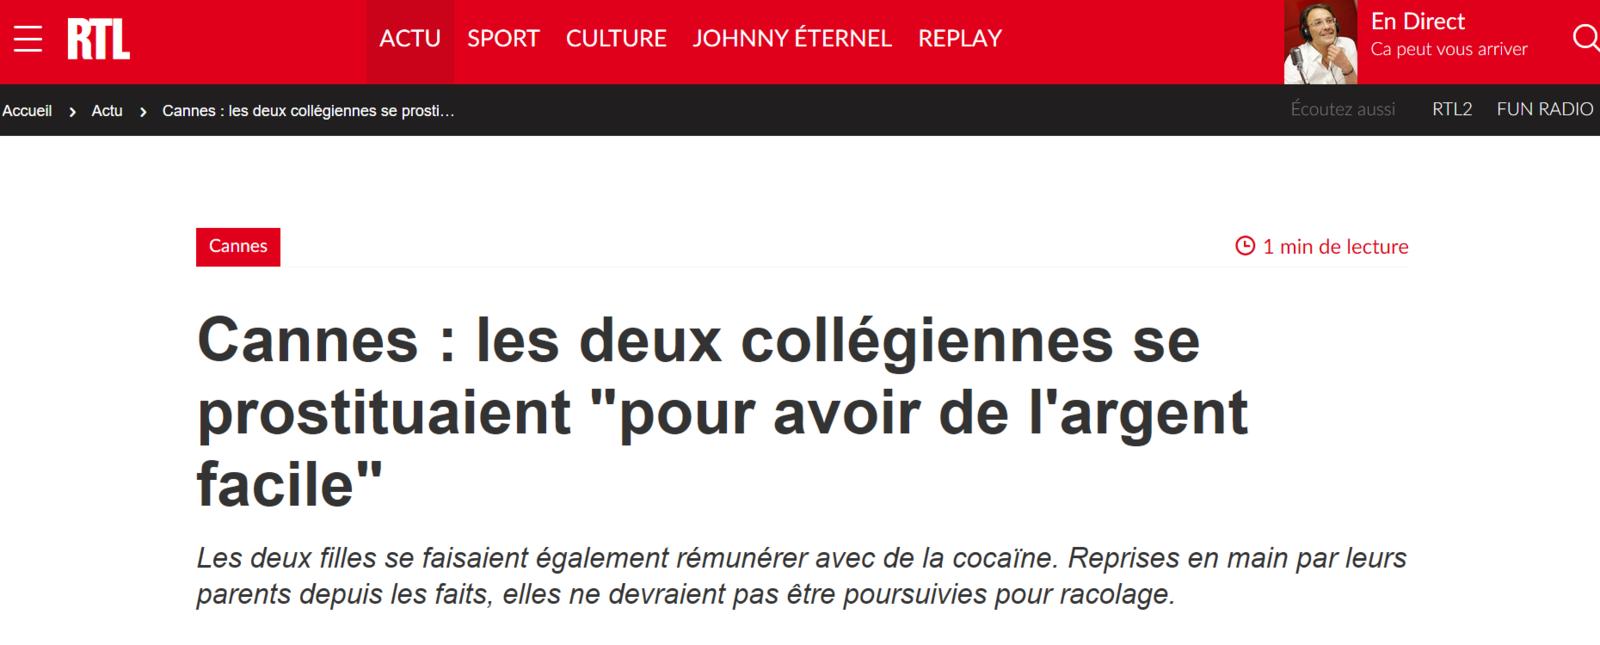 http://www.rtl.fr/actu/cannes-les-deux-collegiennes-se-prostituaient-pour-avoir-de-l-argent-facile-7764518730